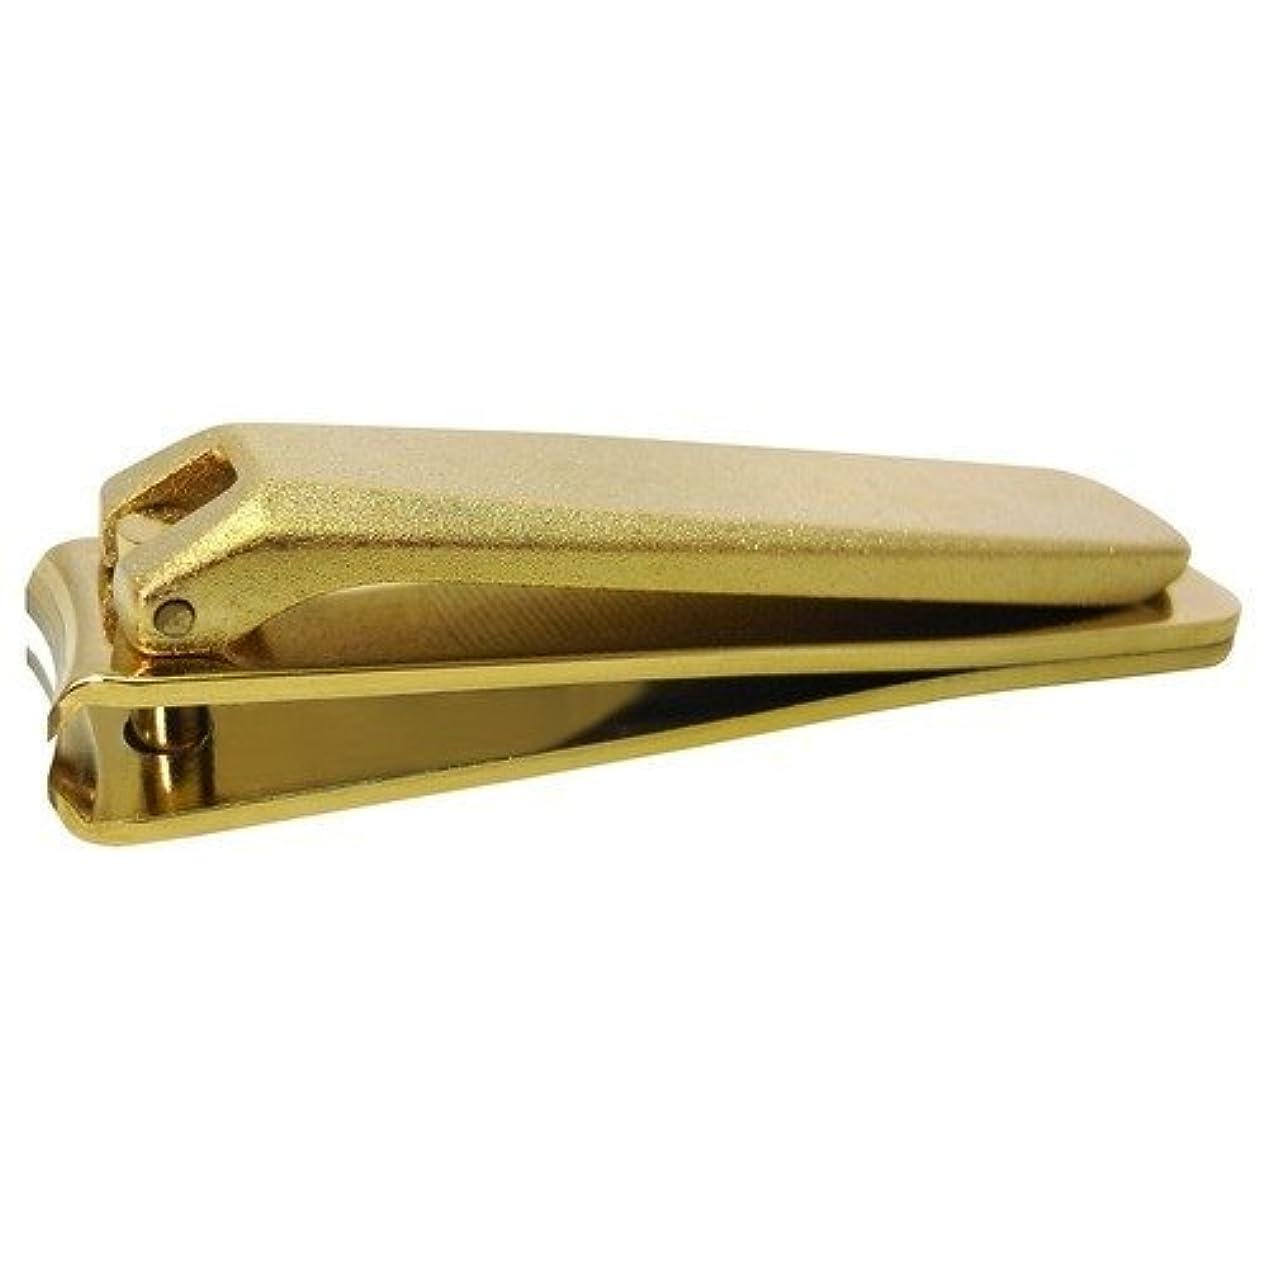 アプト健全パラナ川KD-029 関の刃物 ゴールド爪切 大 カバー無